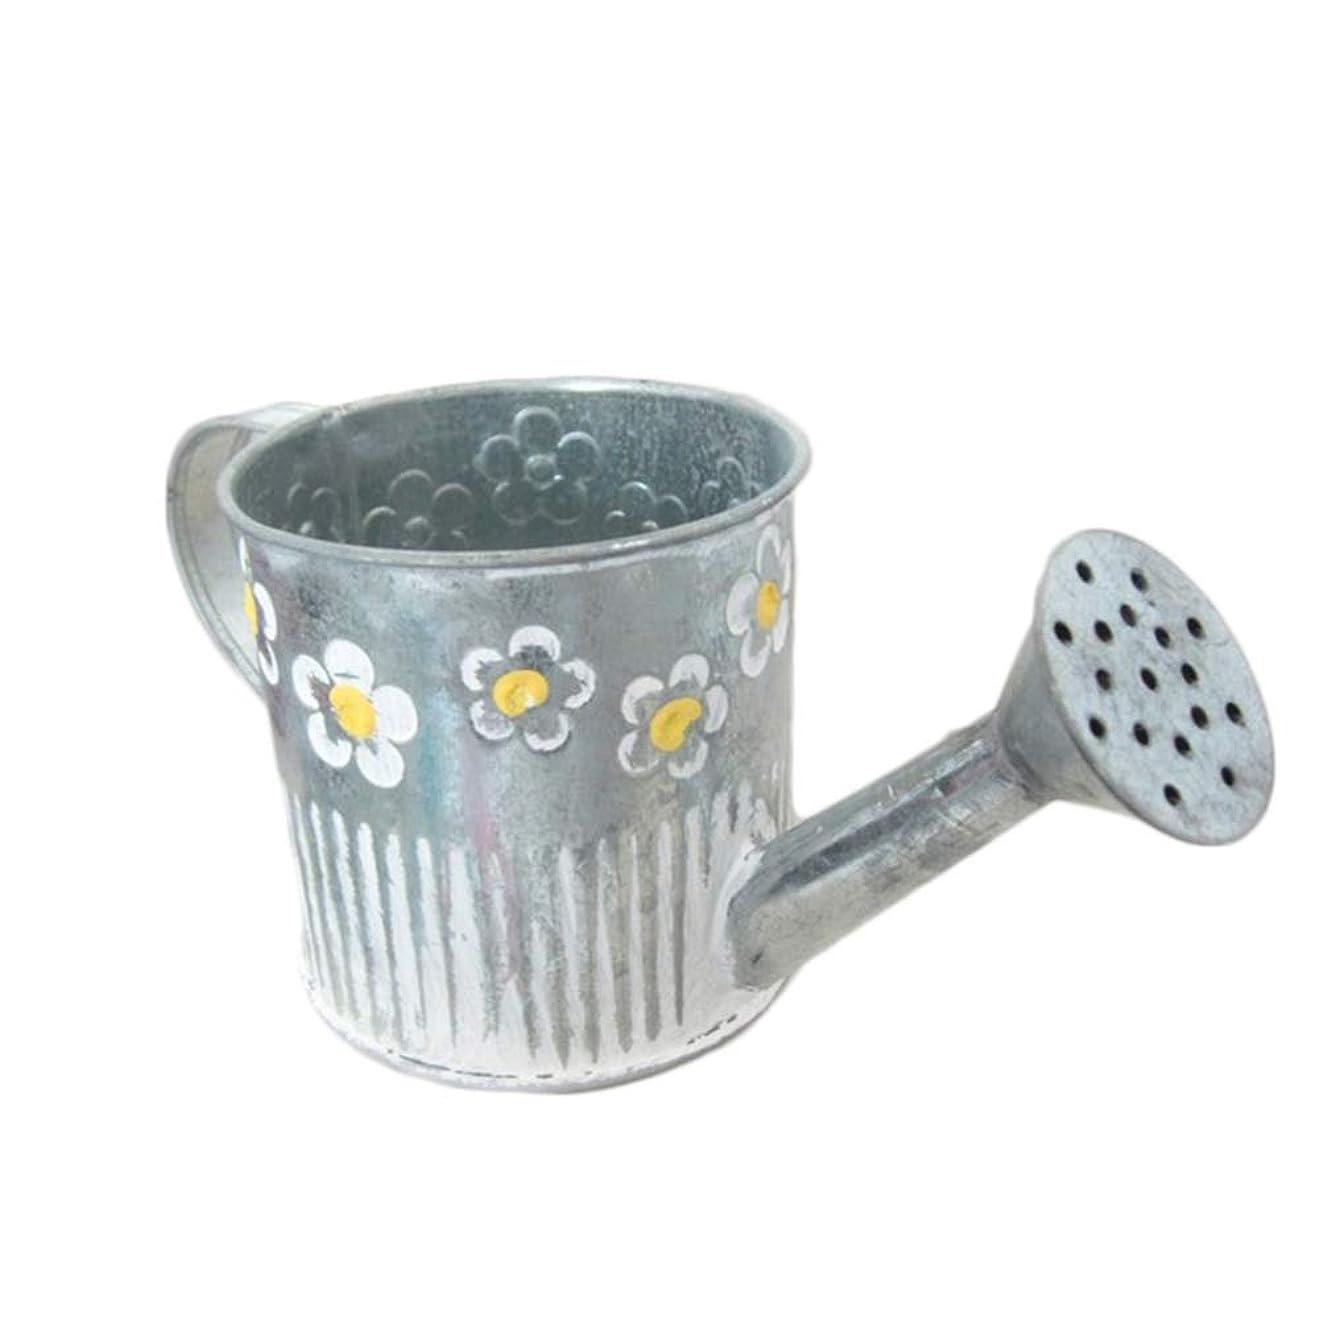 無傷バッフル住人BESPORTBLE Metal Planters Bucket Watering Pot Shaped Flower Holder Container Art Craft Tabletop Flower Vase for Home Office